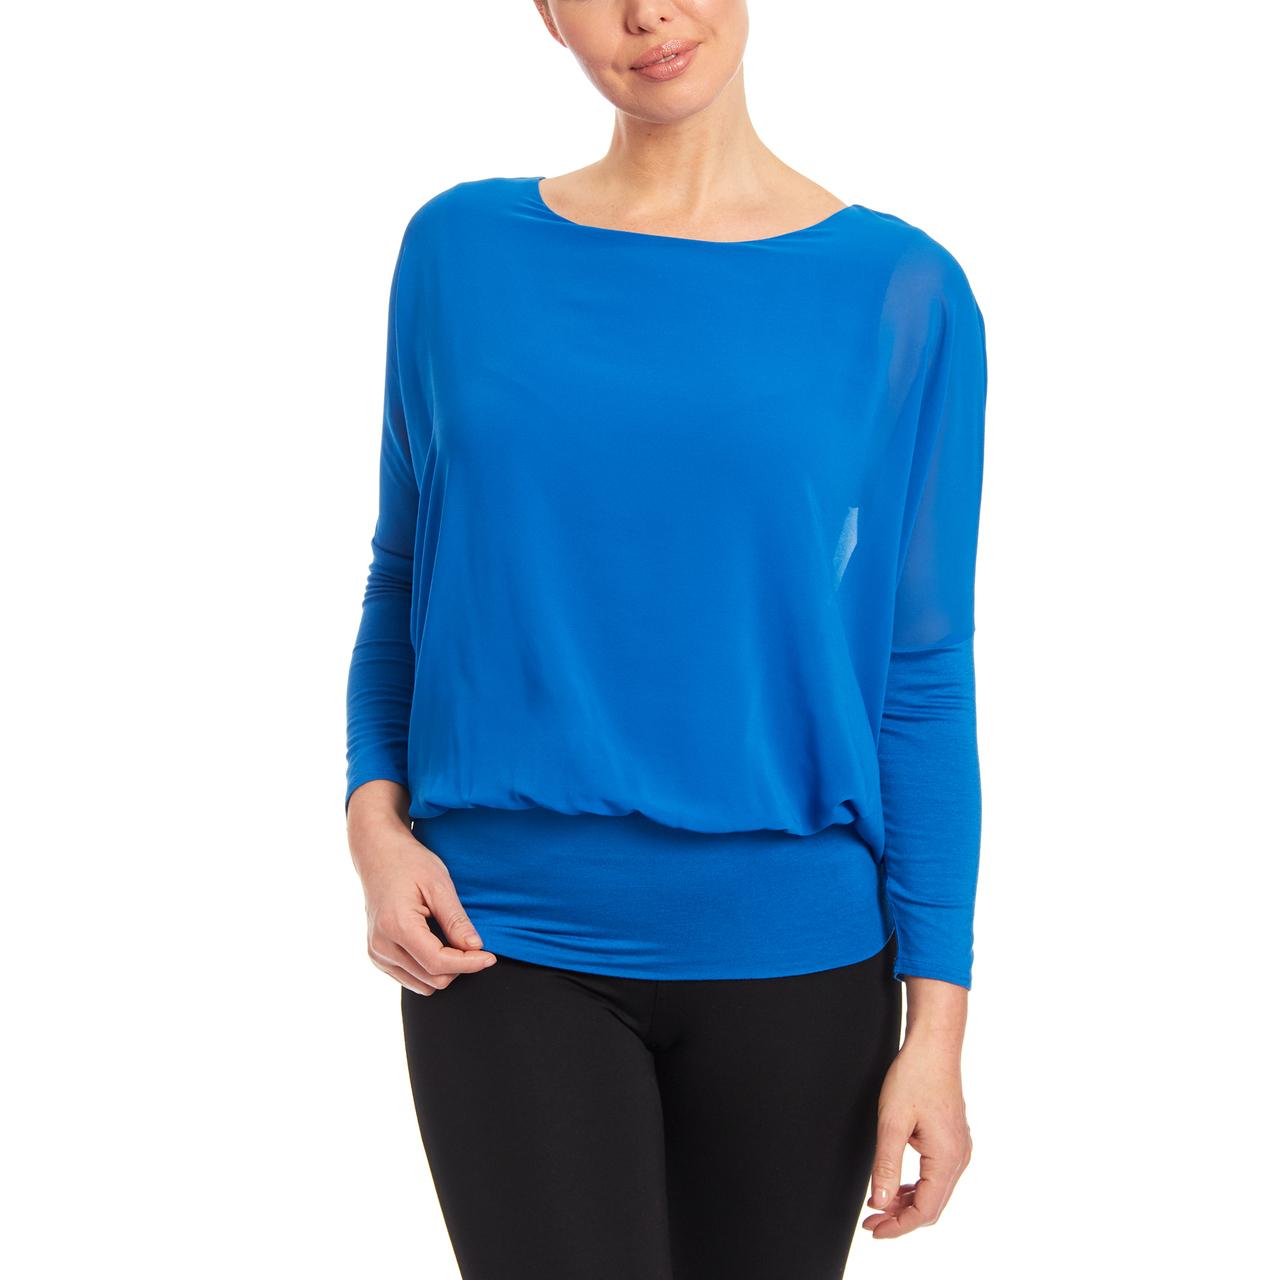 Dolman Long Sleeve Blouse in Malibu Blue